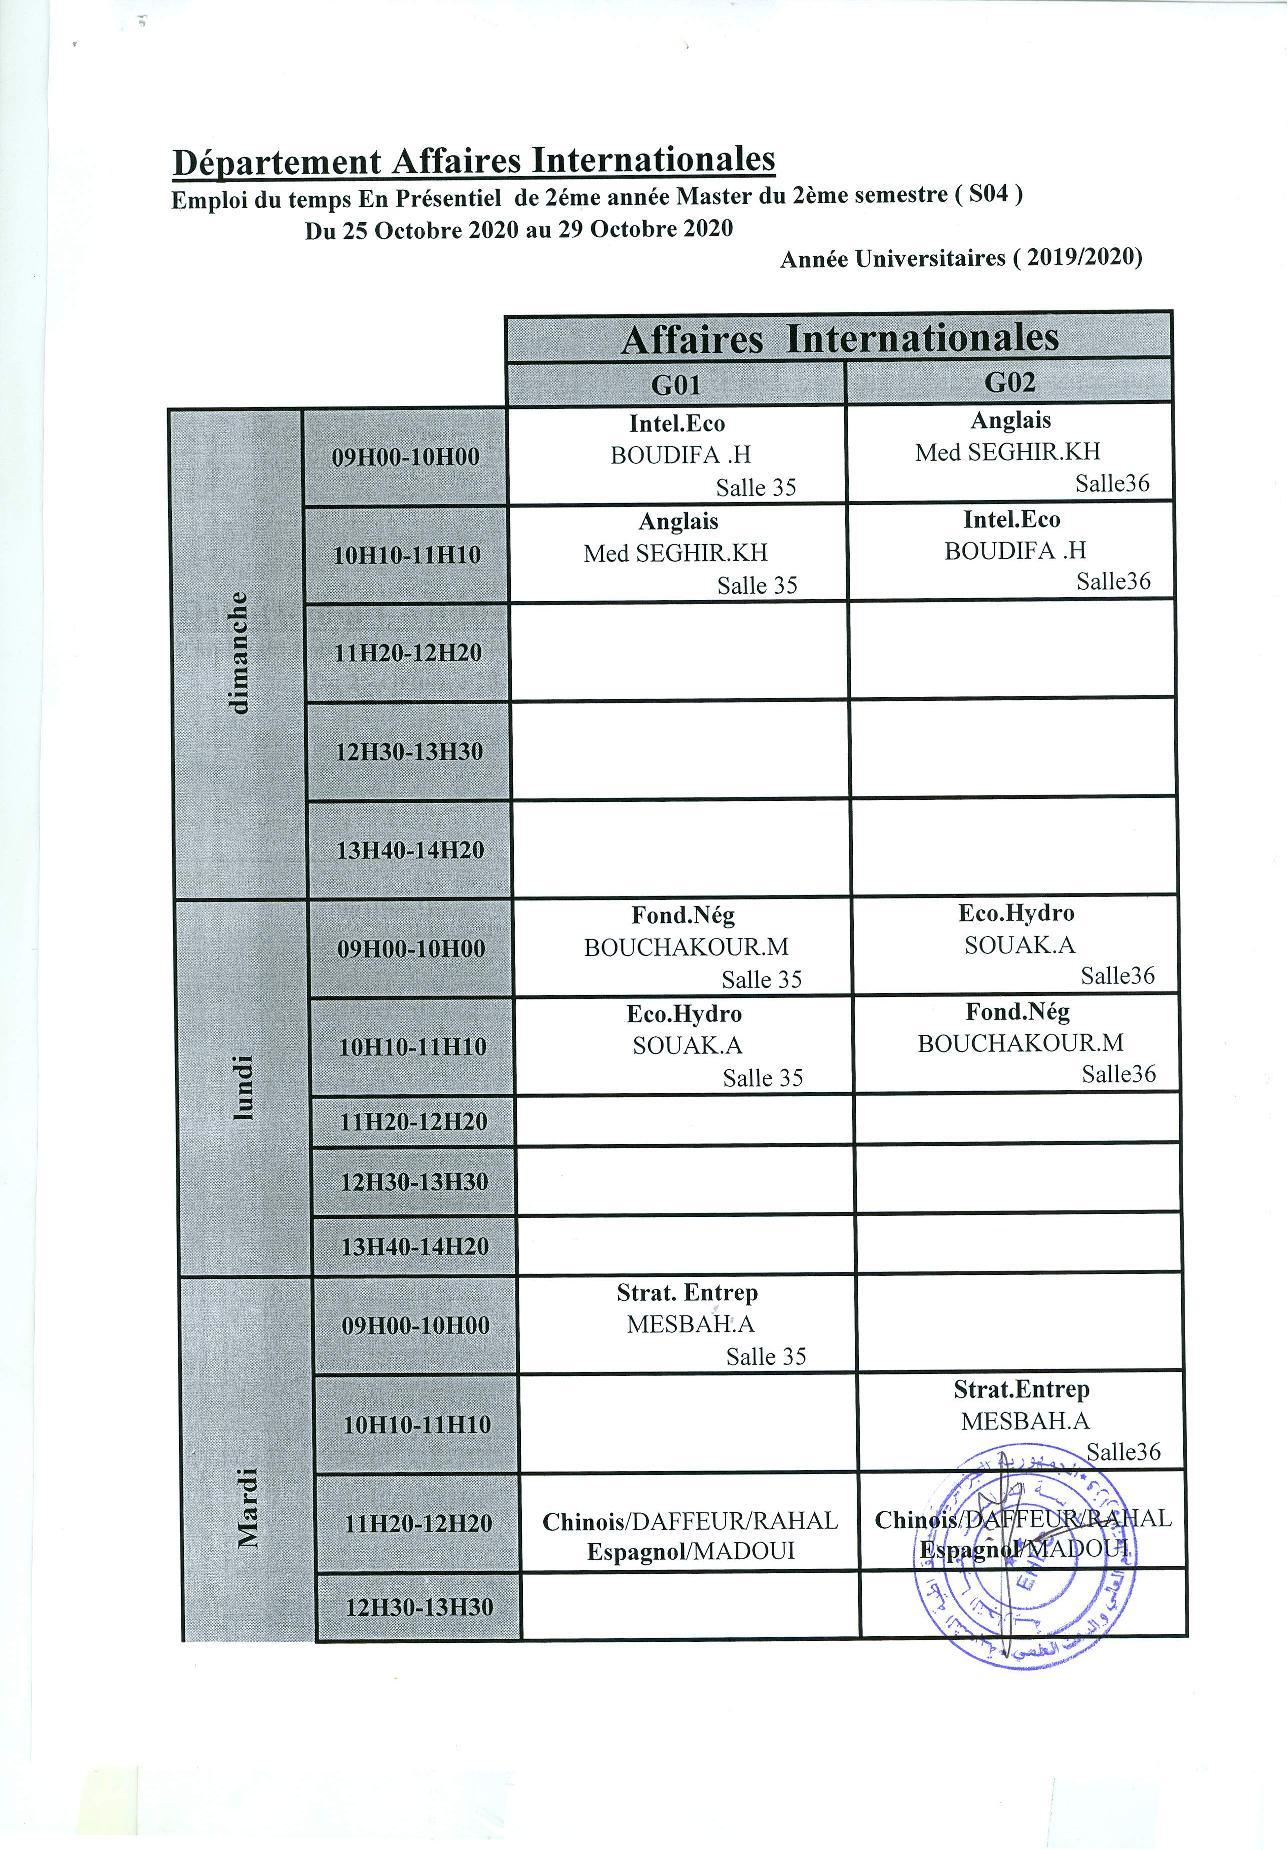 جدول التوقيت لقسم شؤون دولية